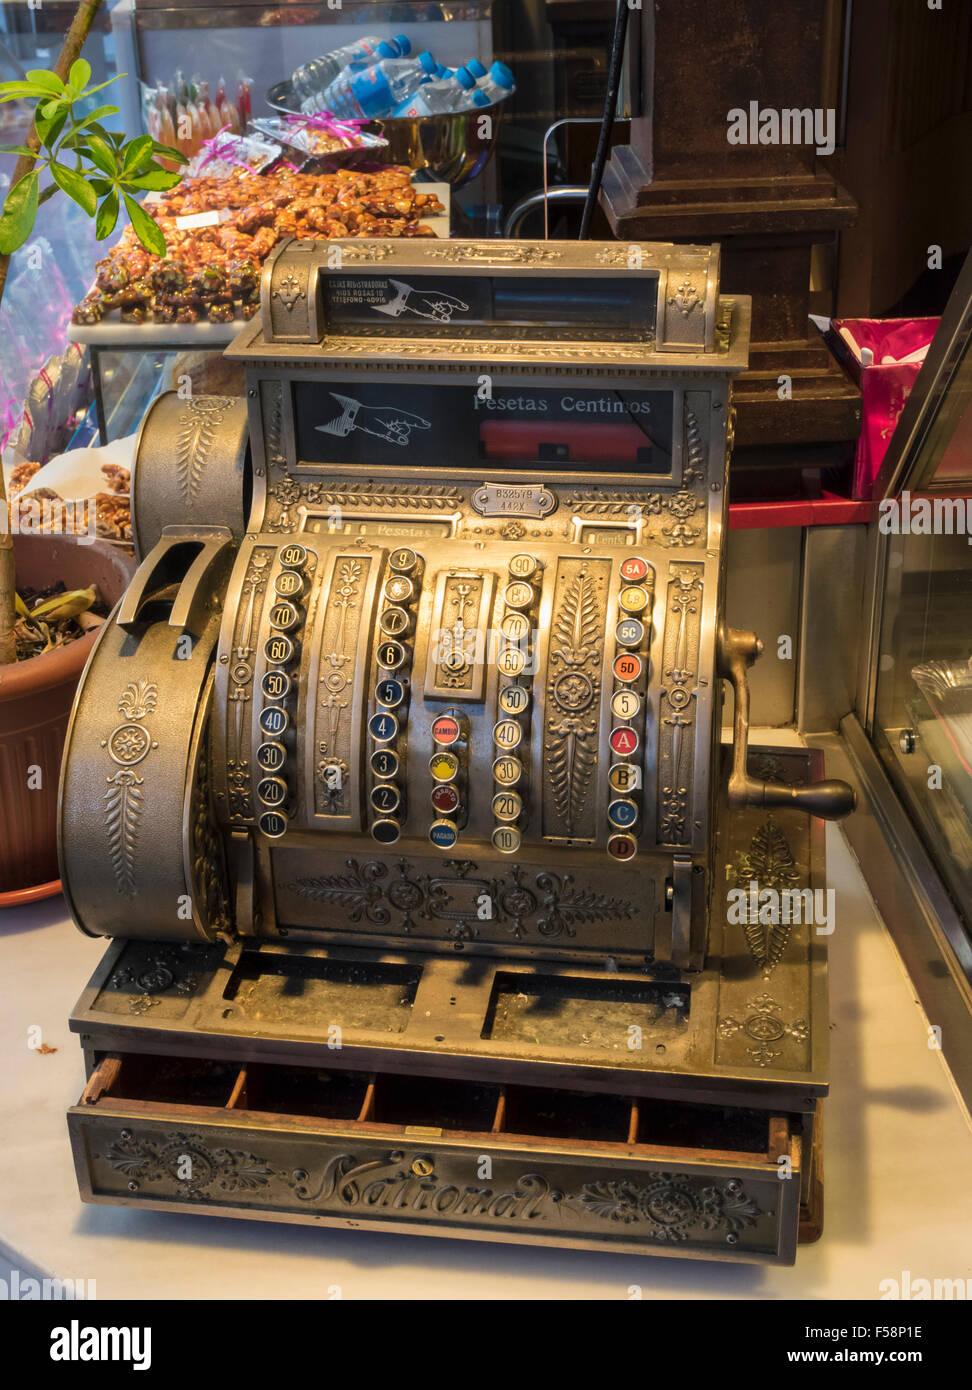 Old antique cash register till, Spain - Stock Image